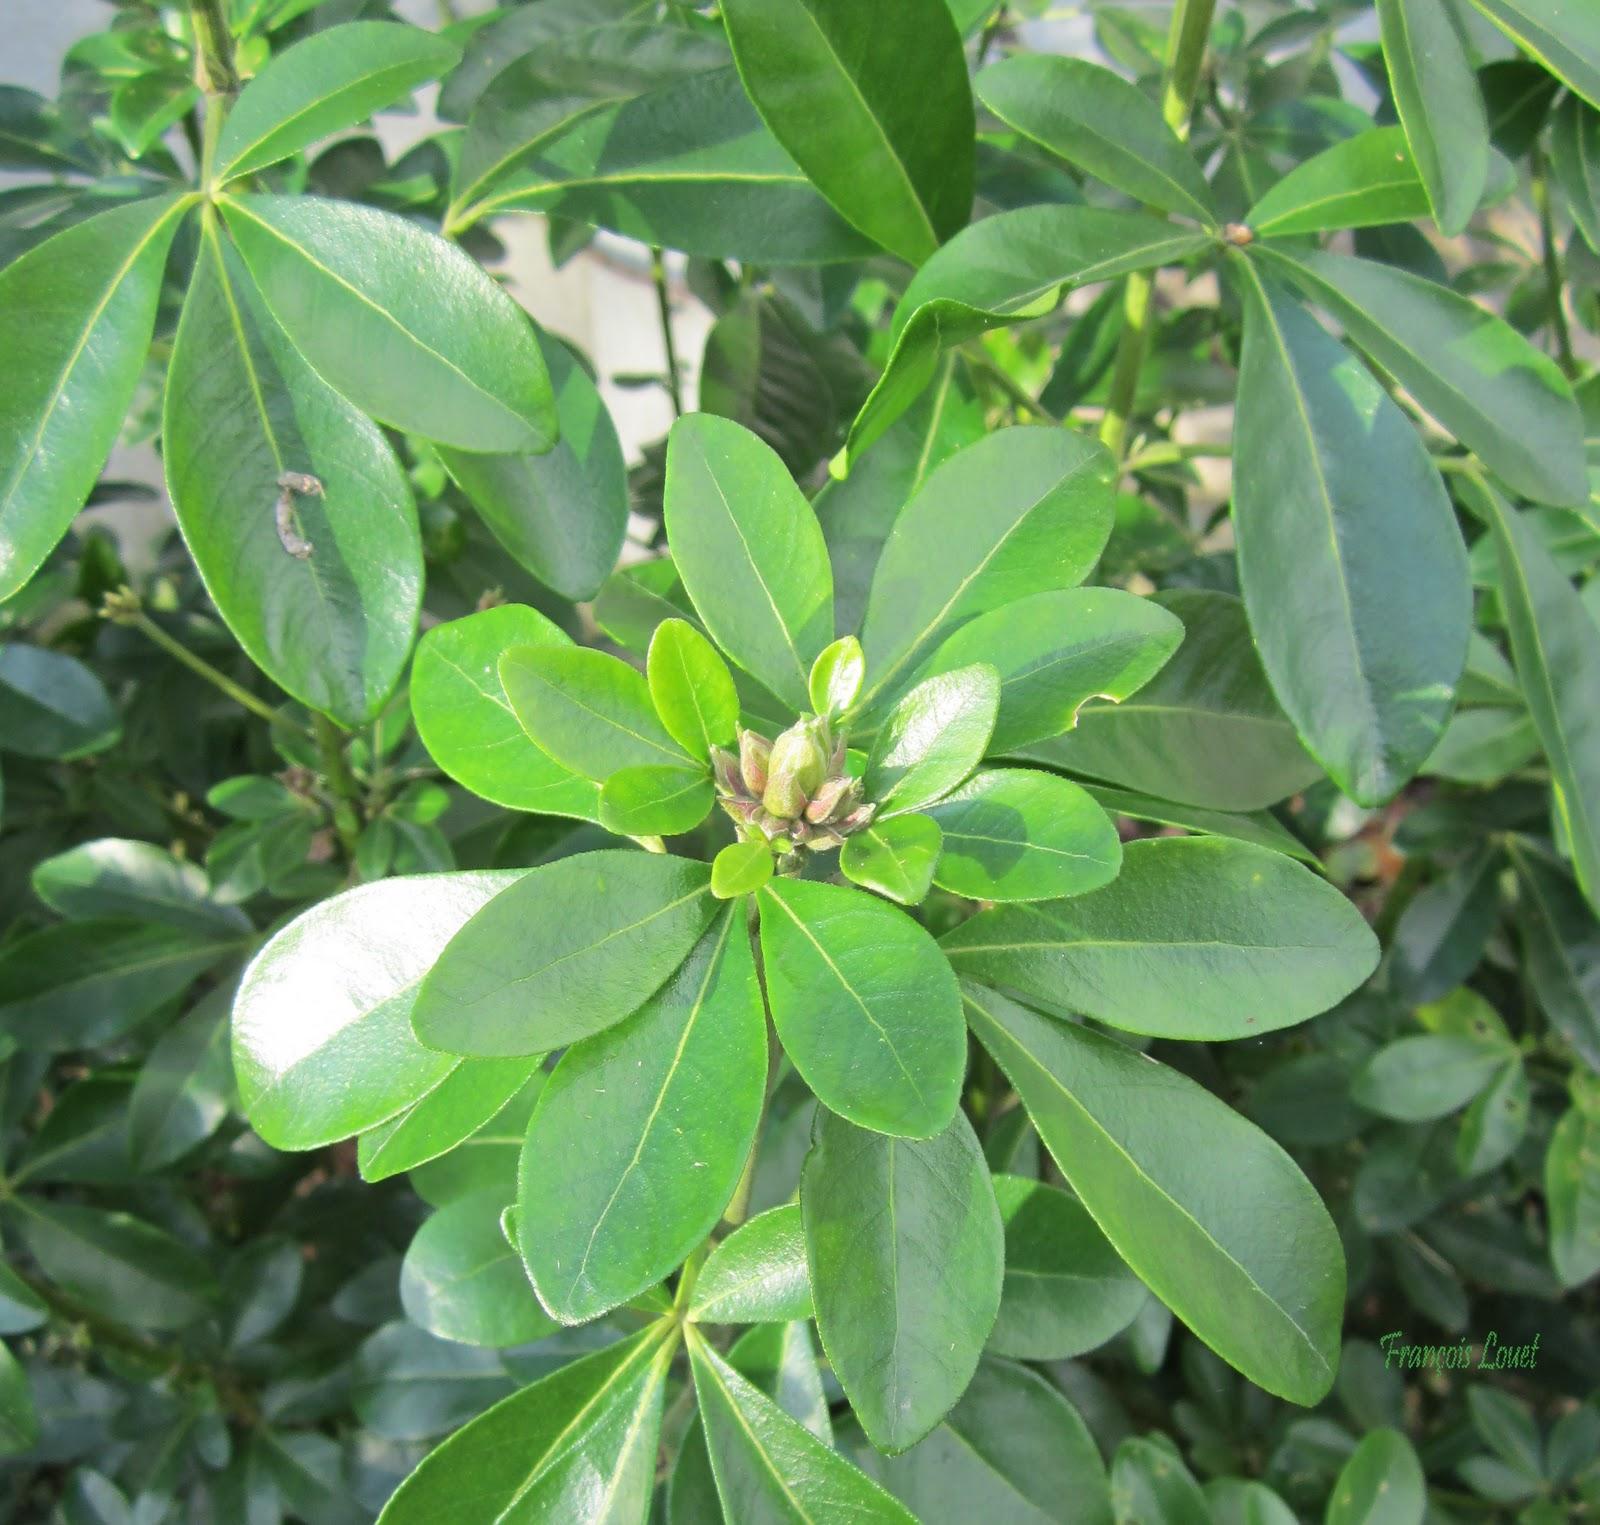 Herbier du jardin oranger du mexique - Oranger du mexique entretien ...